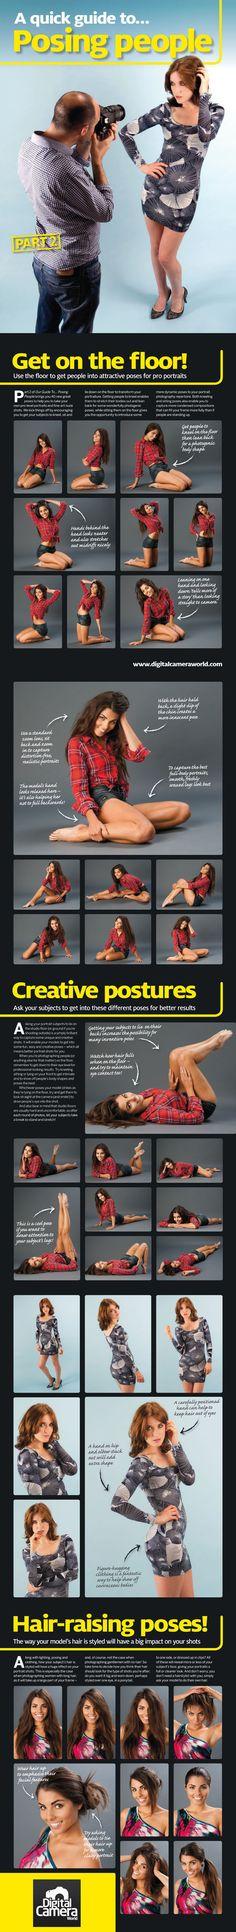 How to Pose like Model, MODEL POSING TIPS